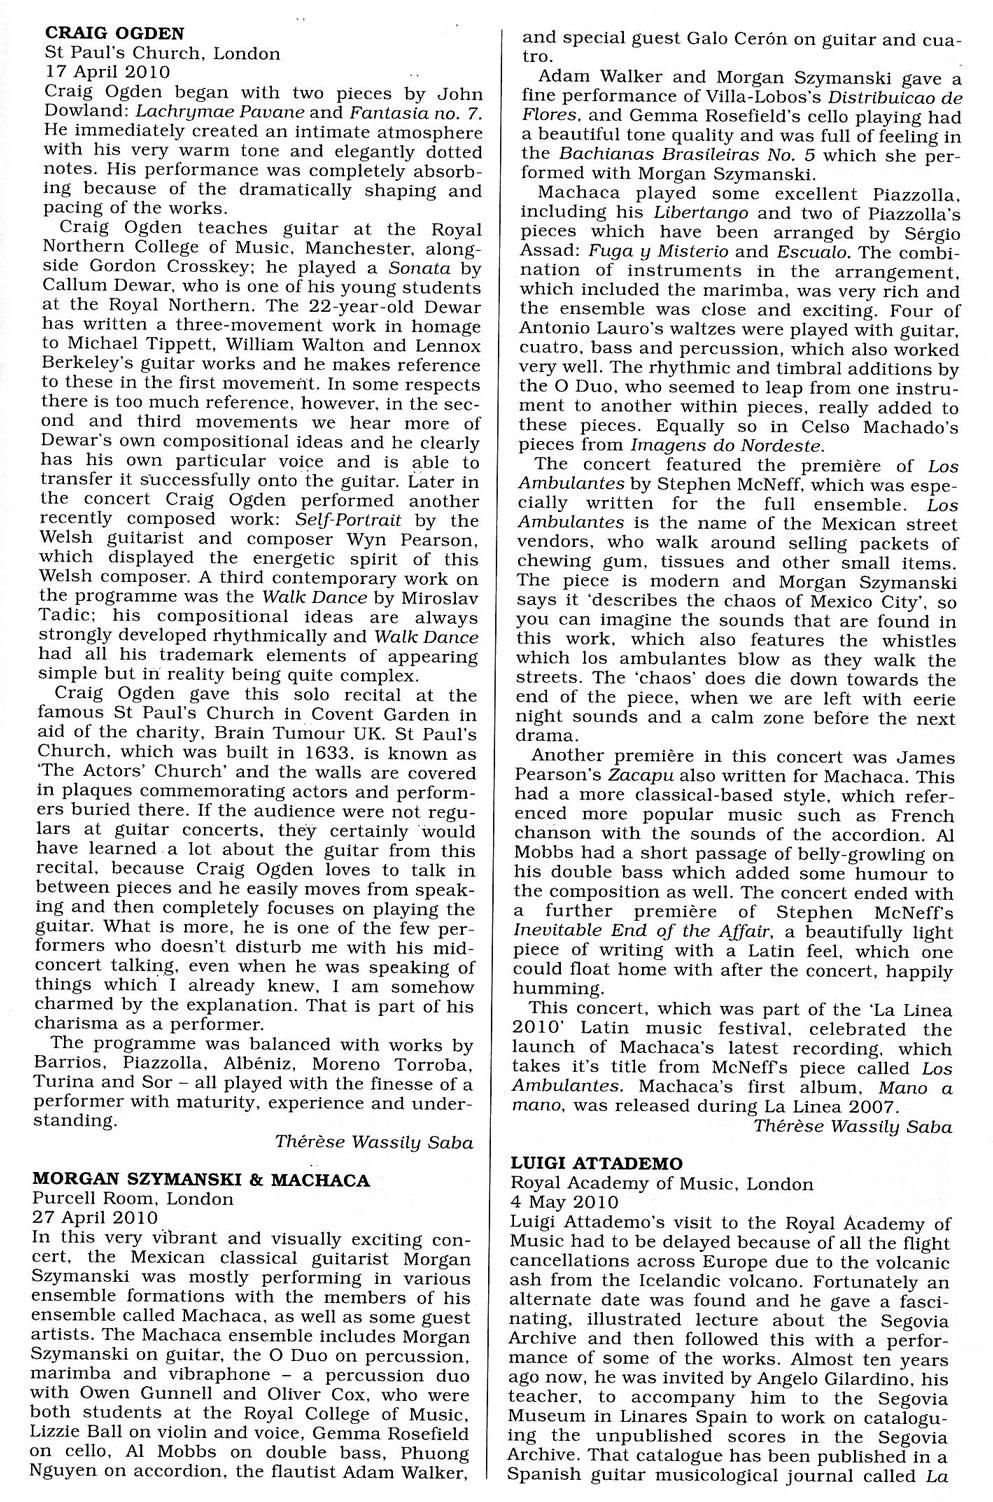 Review, 2010, Classical Guitar Magazine